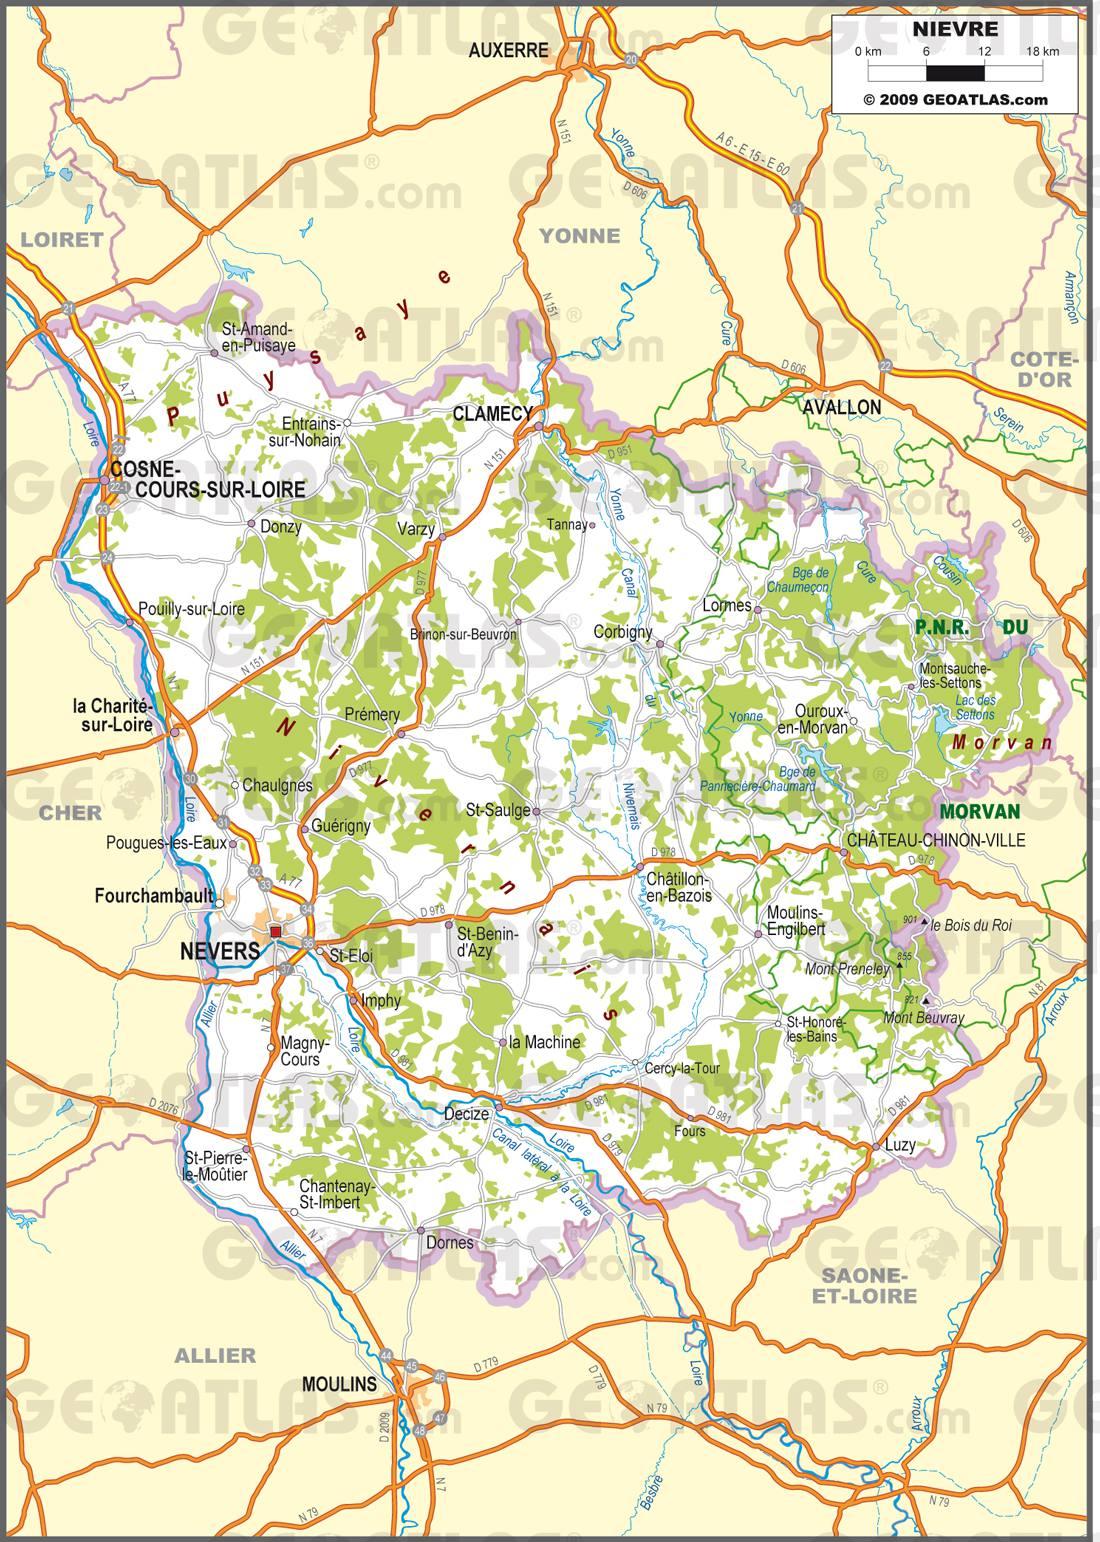 Carte routière de la Nièvre